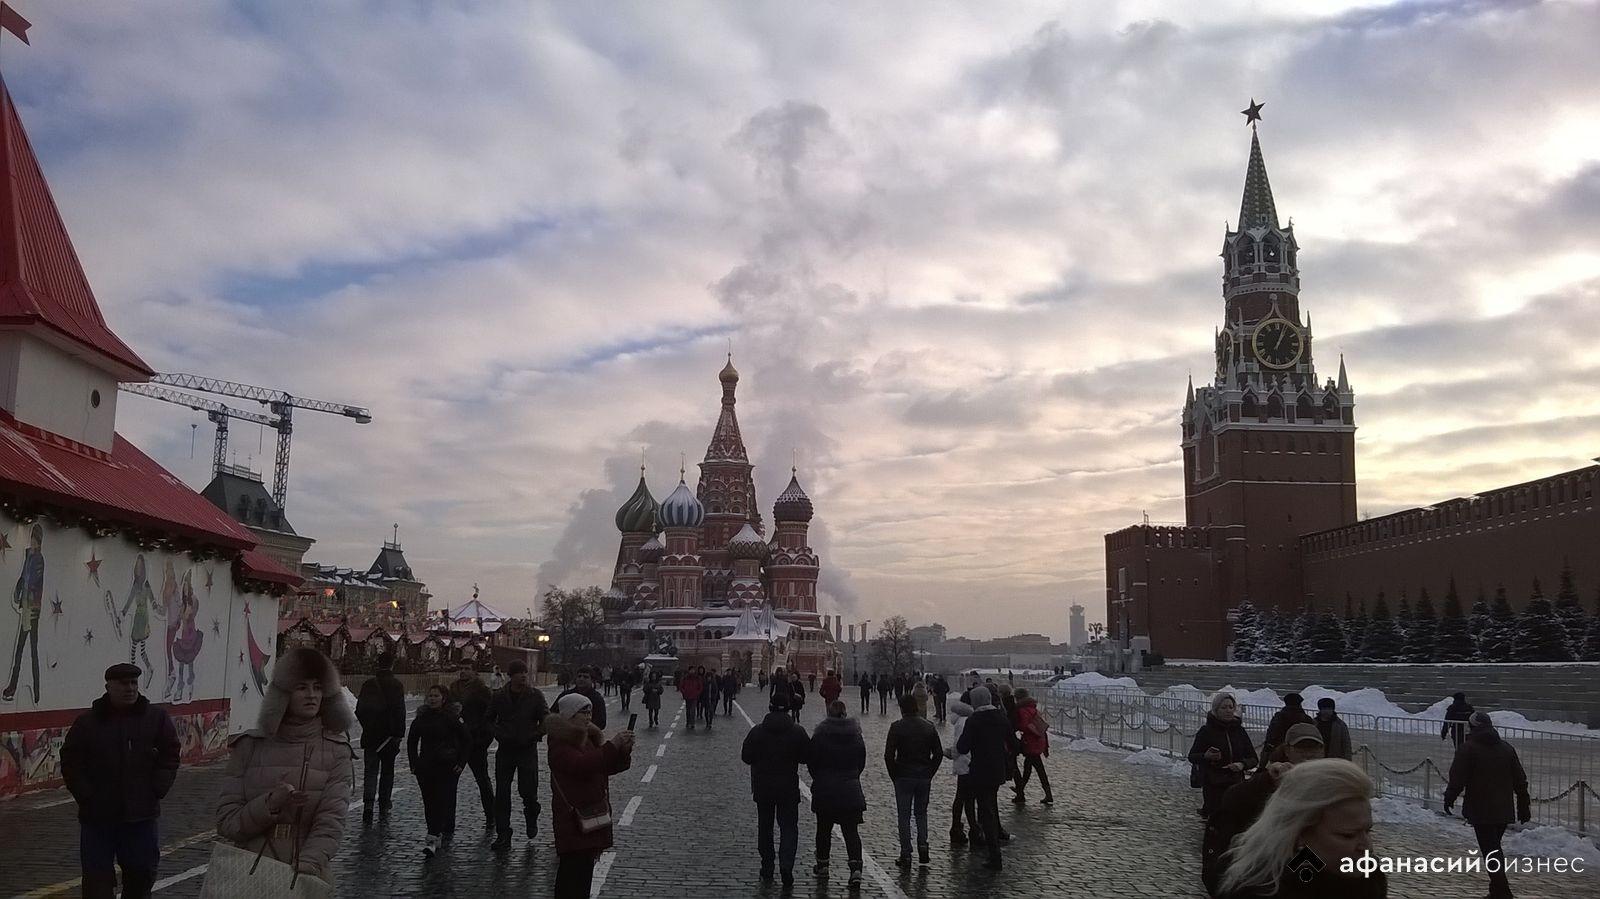 10-летний мальчик из Твери отправился погулять по Москве и заблудился - новости Афанасий